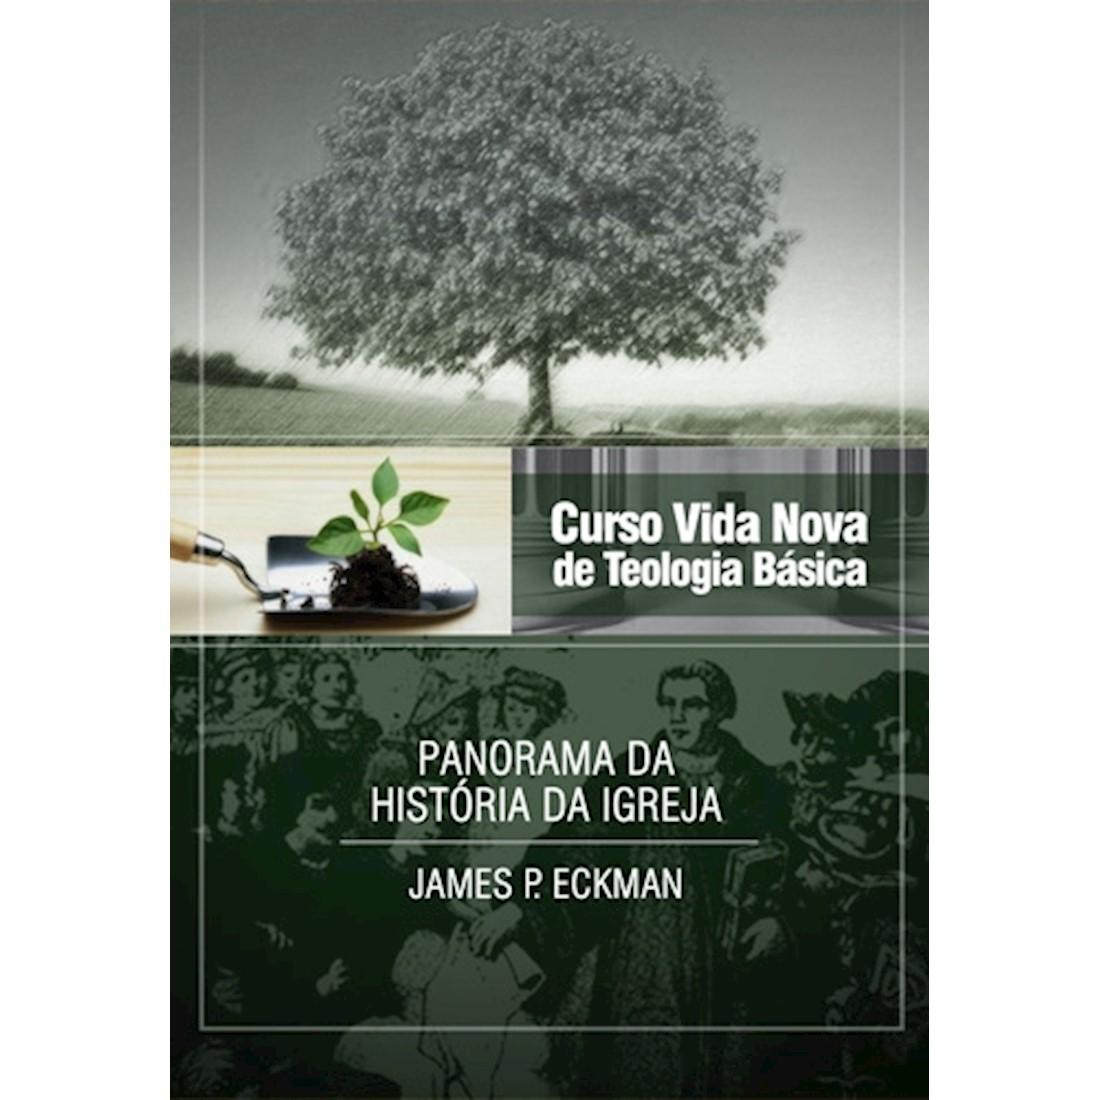 Curso Vida Nova de Teologia Básica - Vol. 4 - Panorama da história da igreja